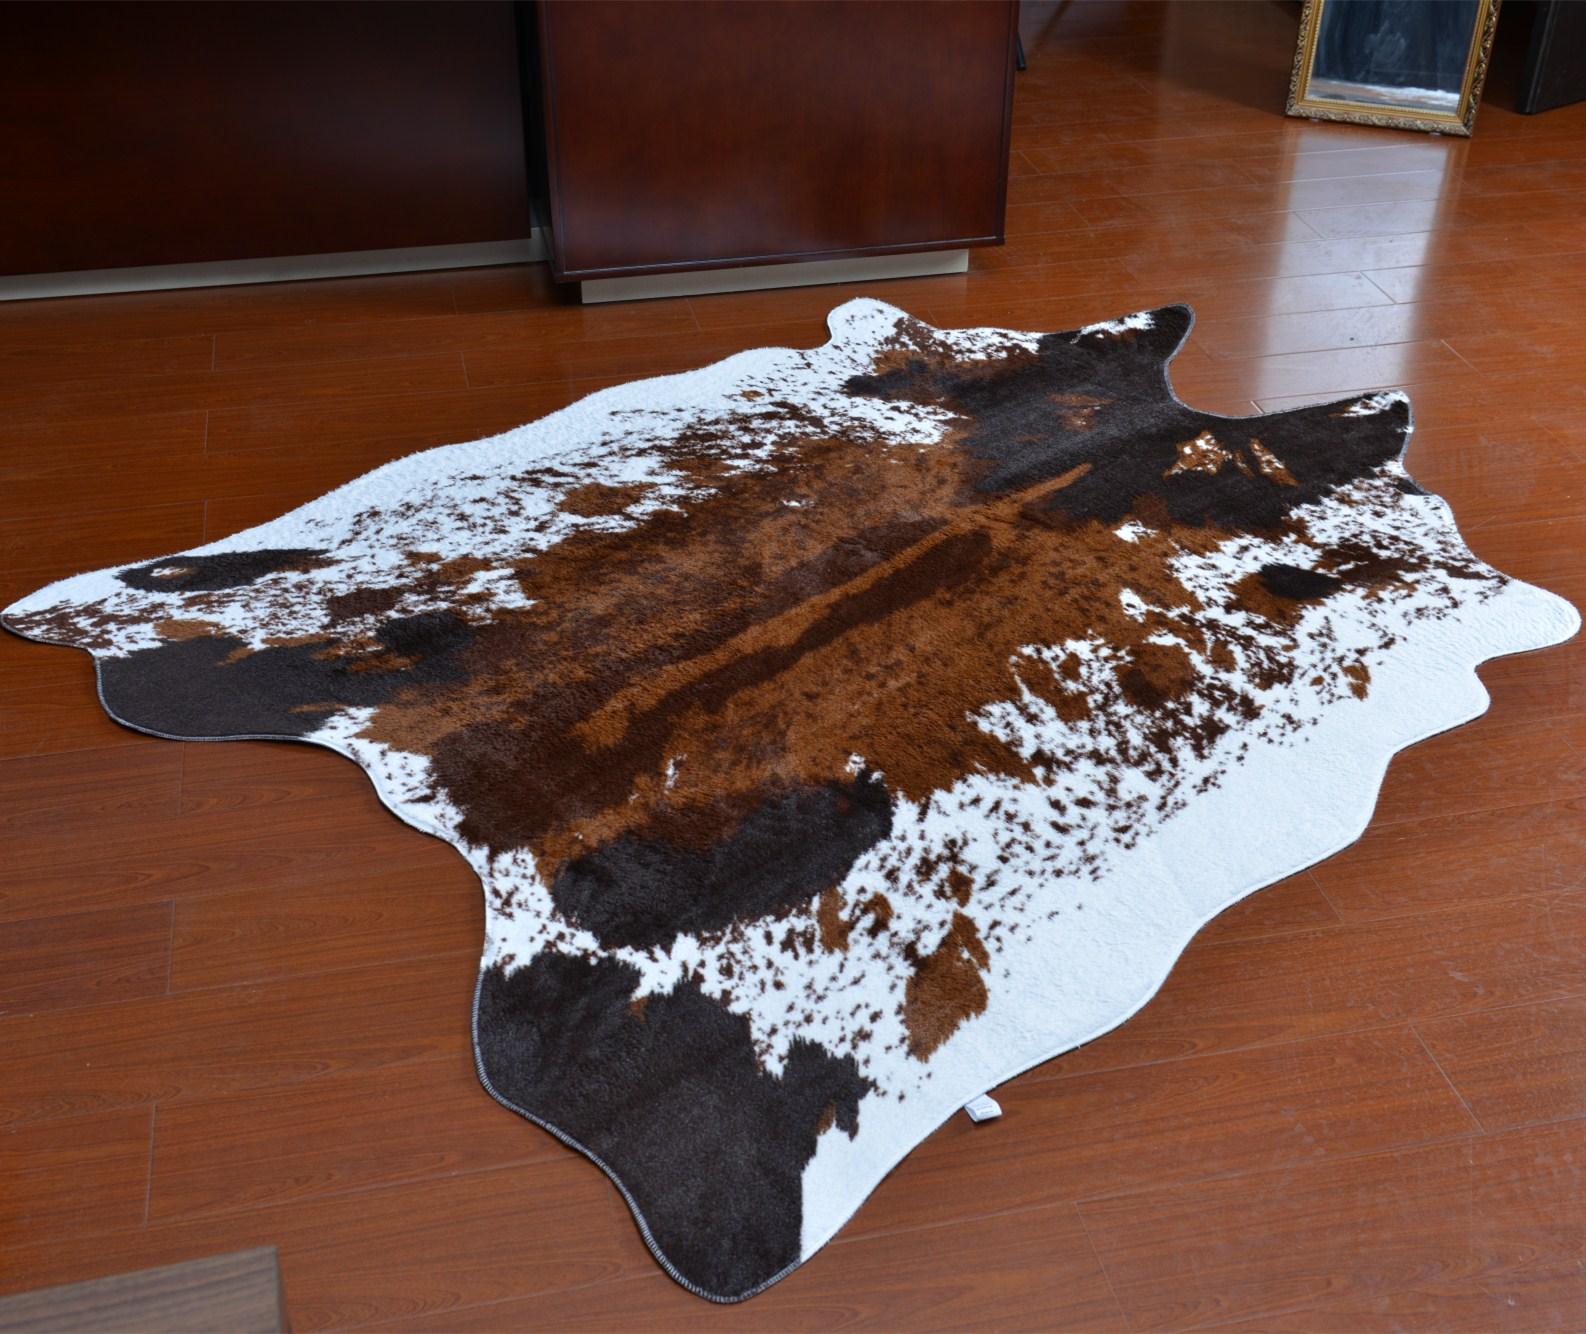 v斑马斑马地垫地毯纹瑕疵北欧美式异形卧室水洗客厅薄款牛皮可玄关